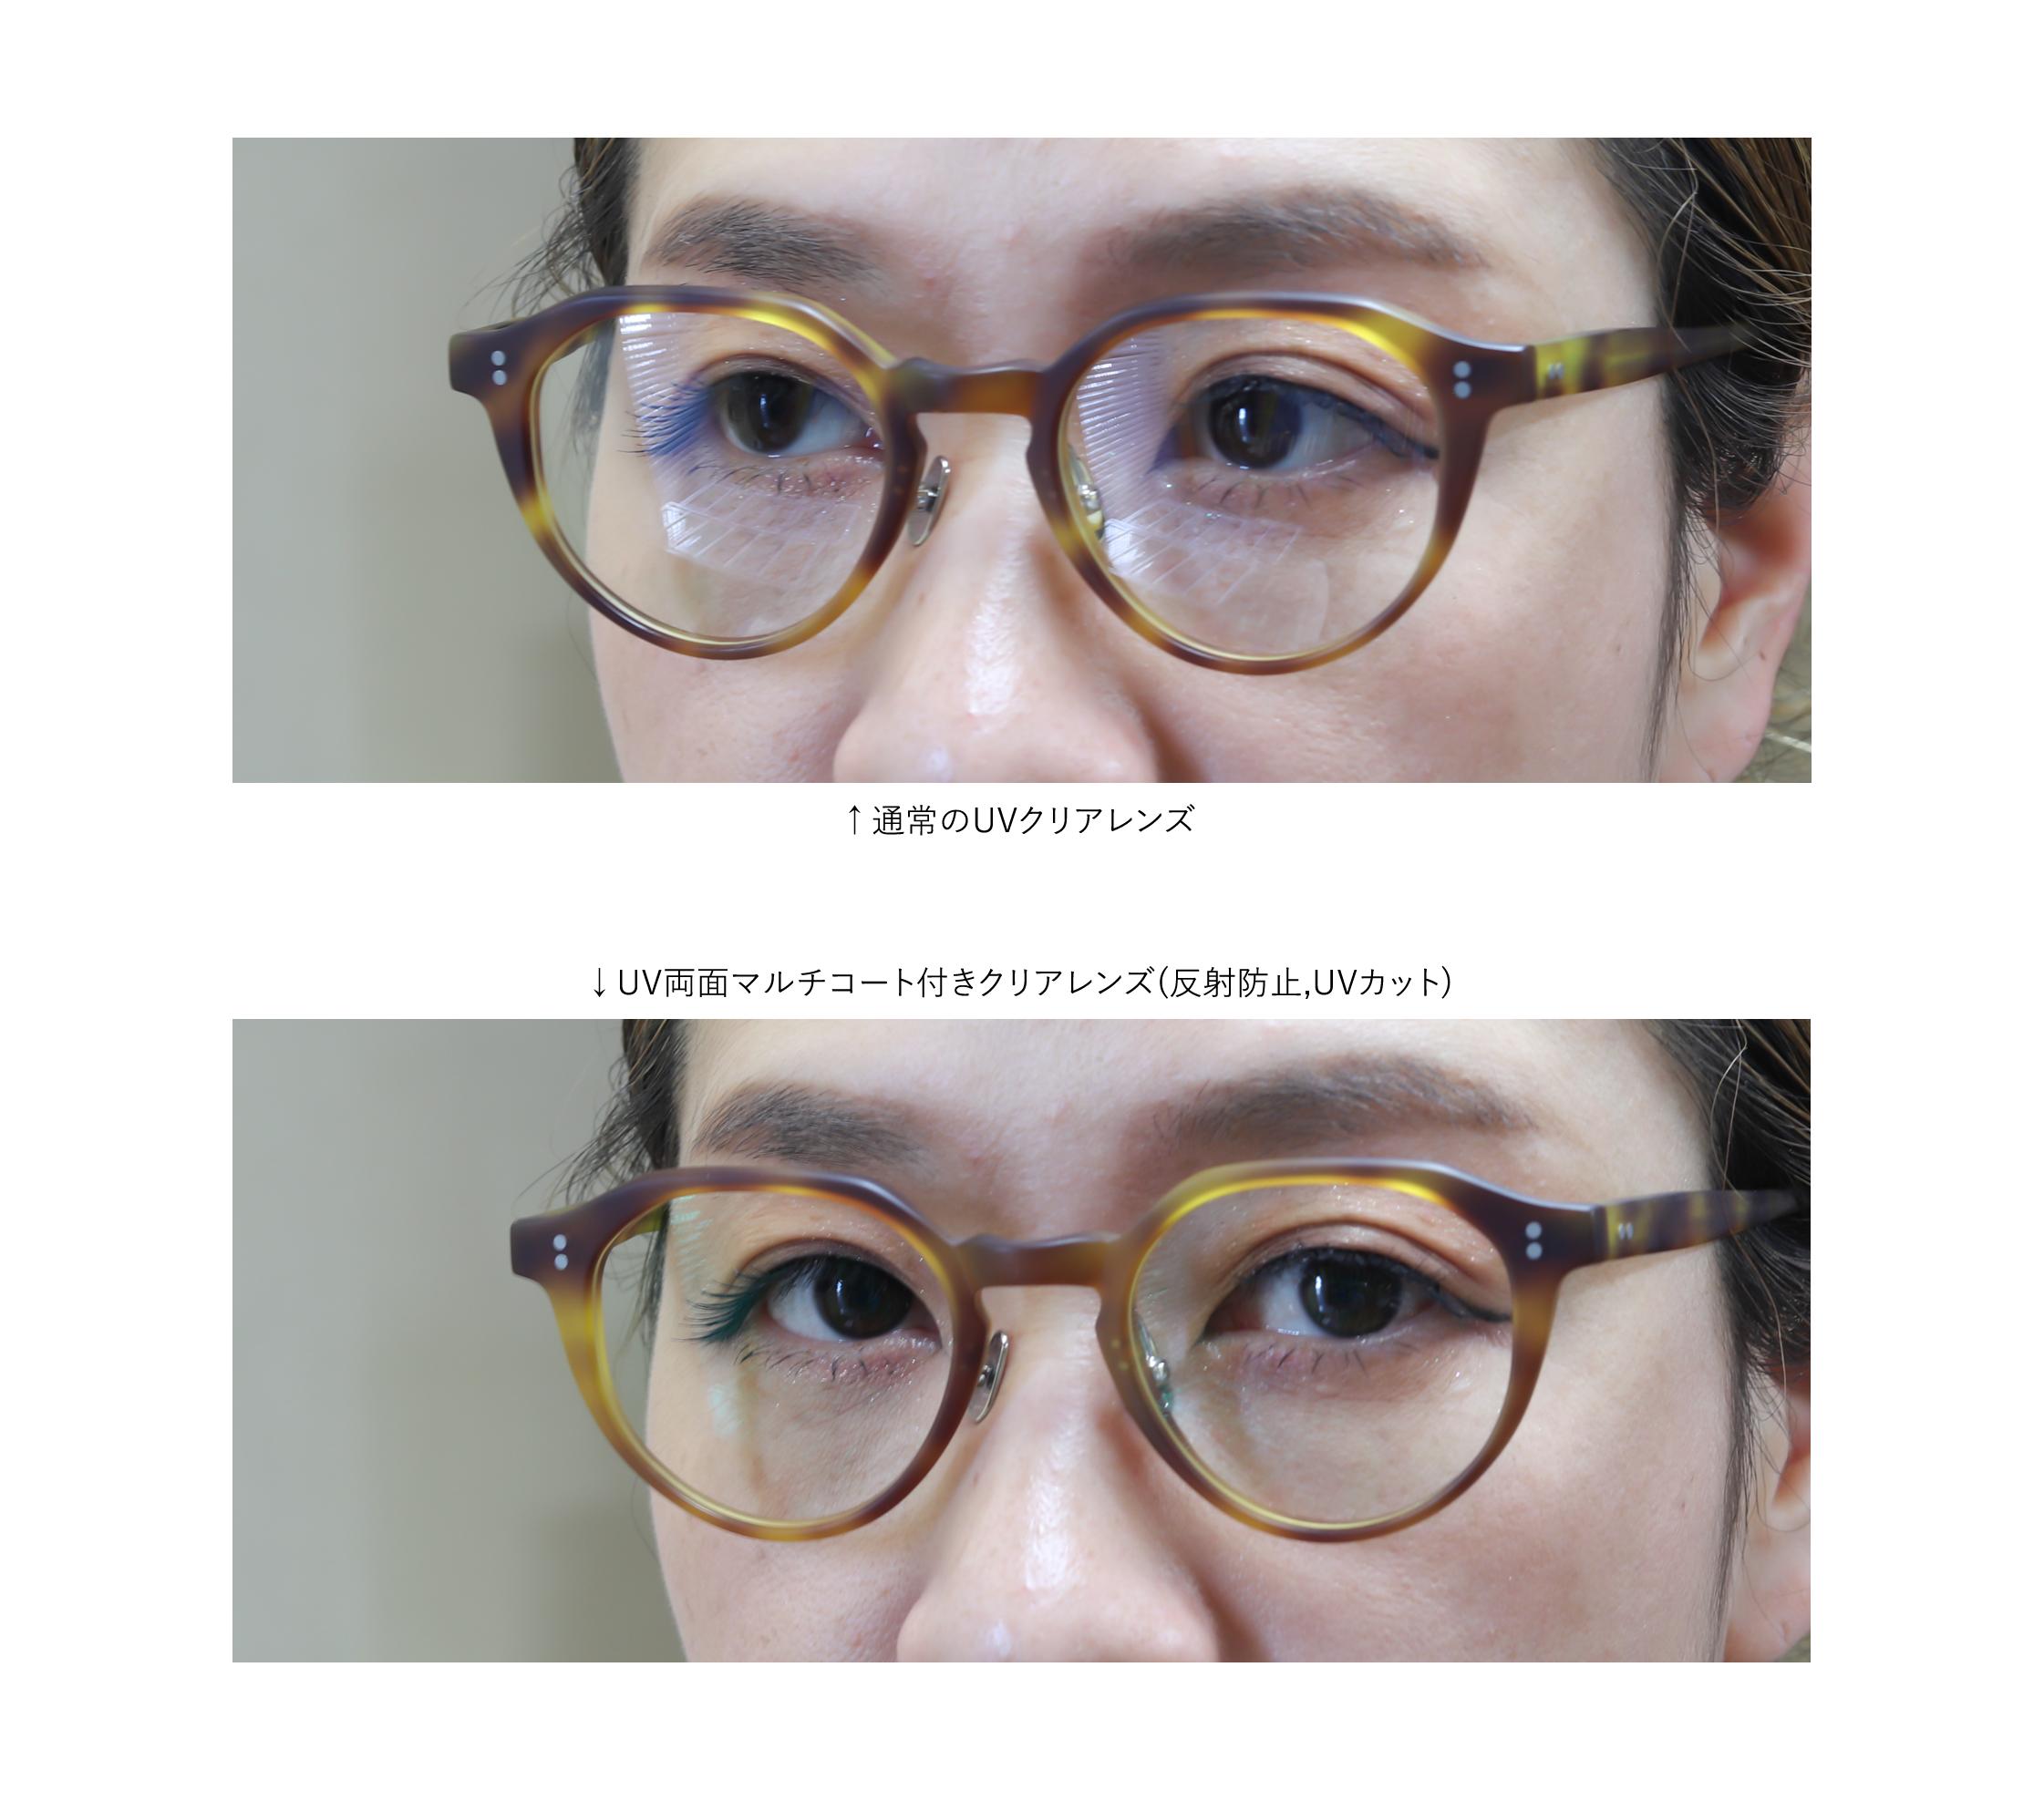 オプションでダテメガネ用UVカット付きマルチレンズ(クリアー)に交換できます。